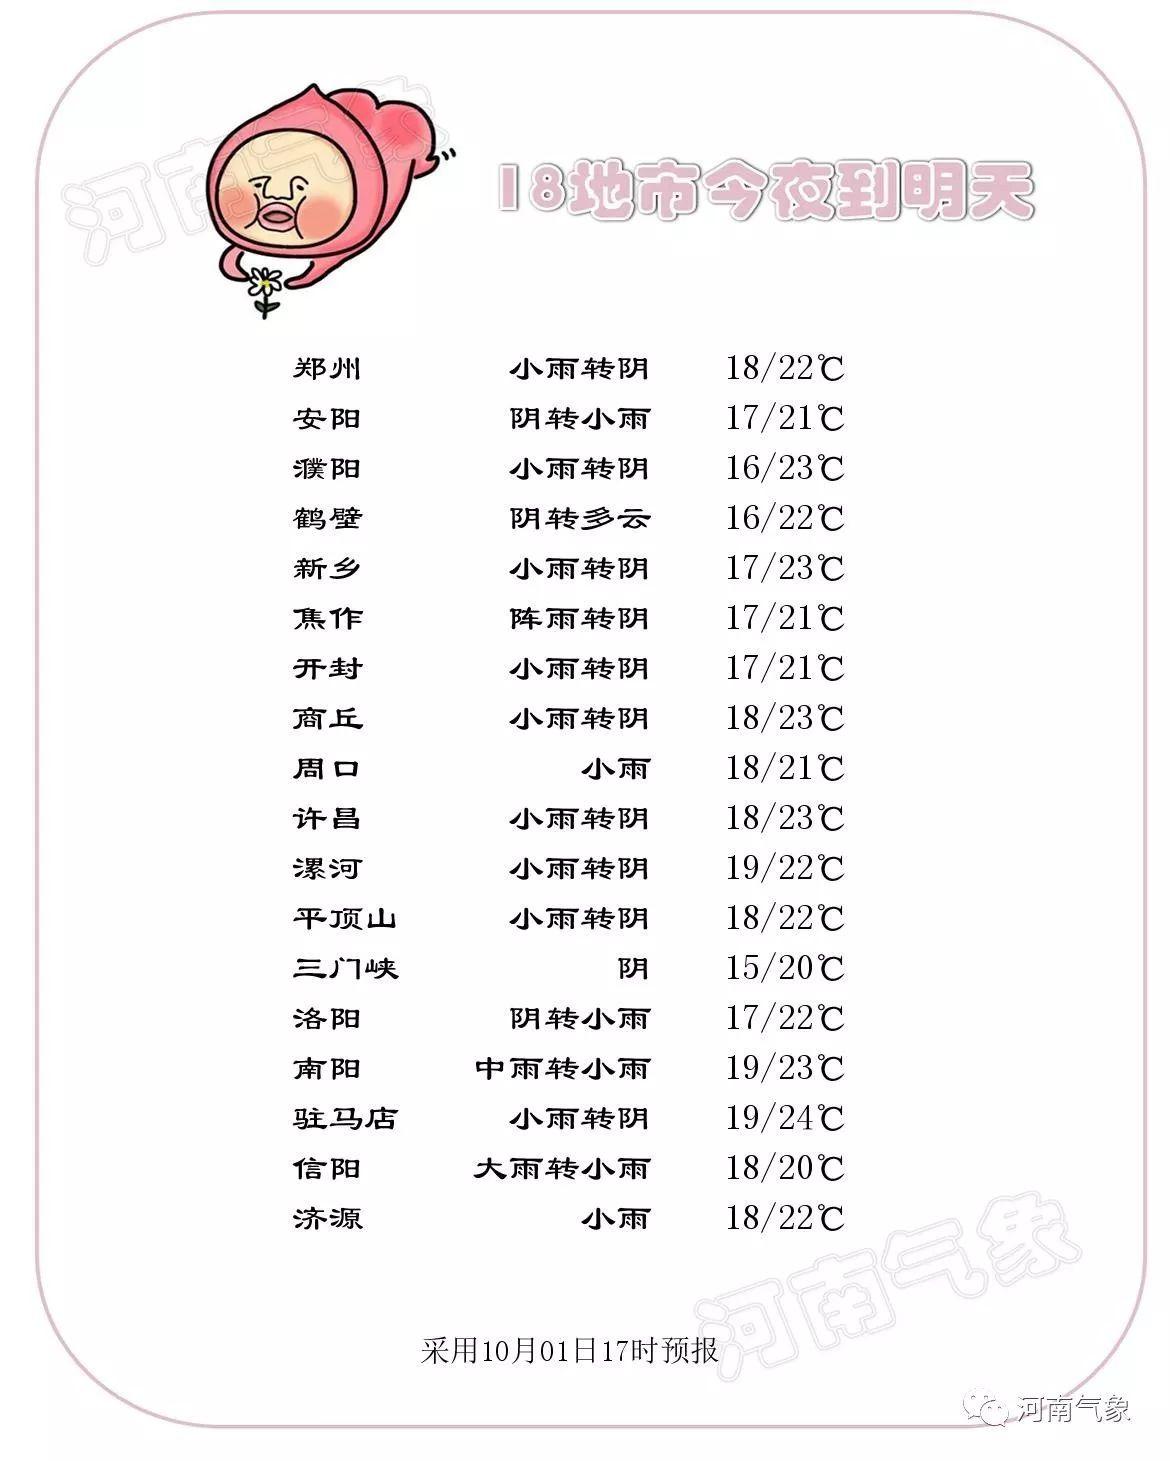 国庆8天假河南5天在雨中 最高气温直降8-10℃